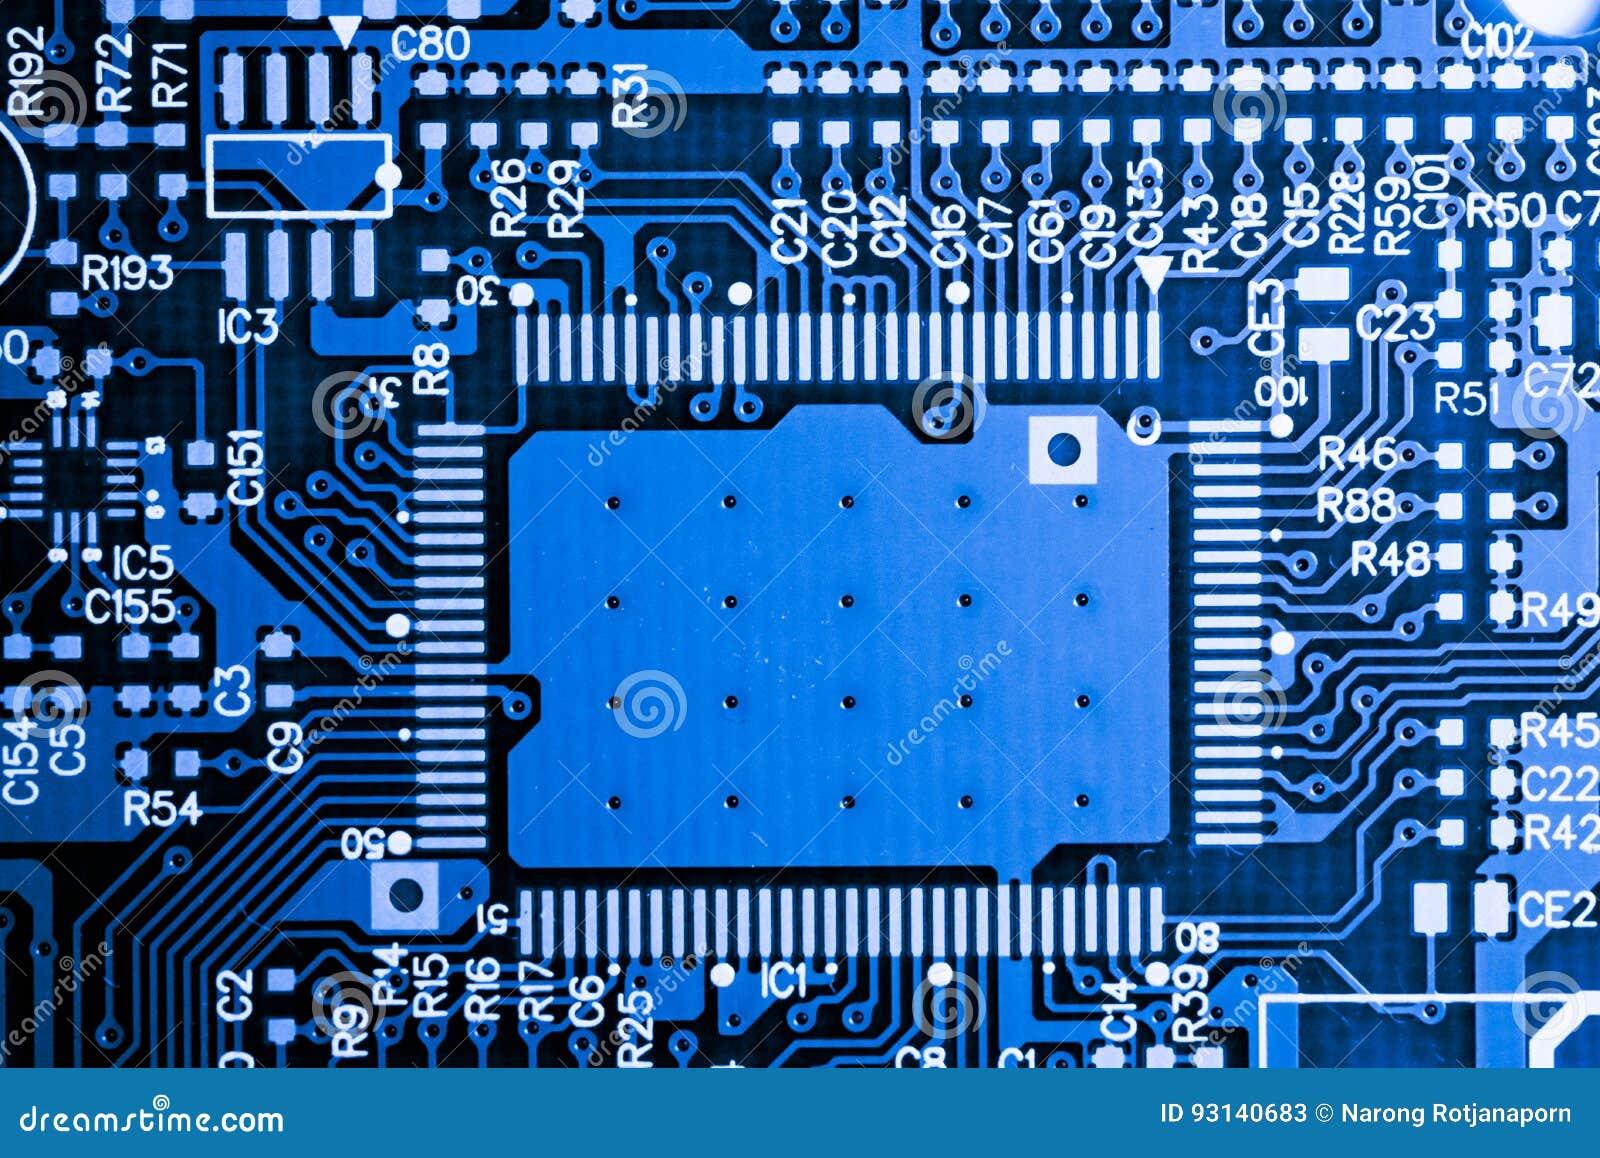 Fantastisch Mini Projekte Für Elektronische Geräte Und Schaltkreise ...